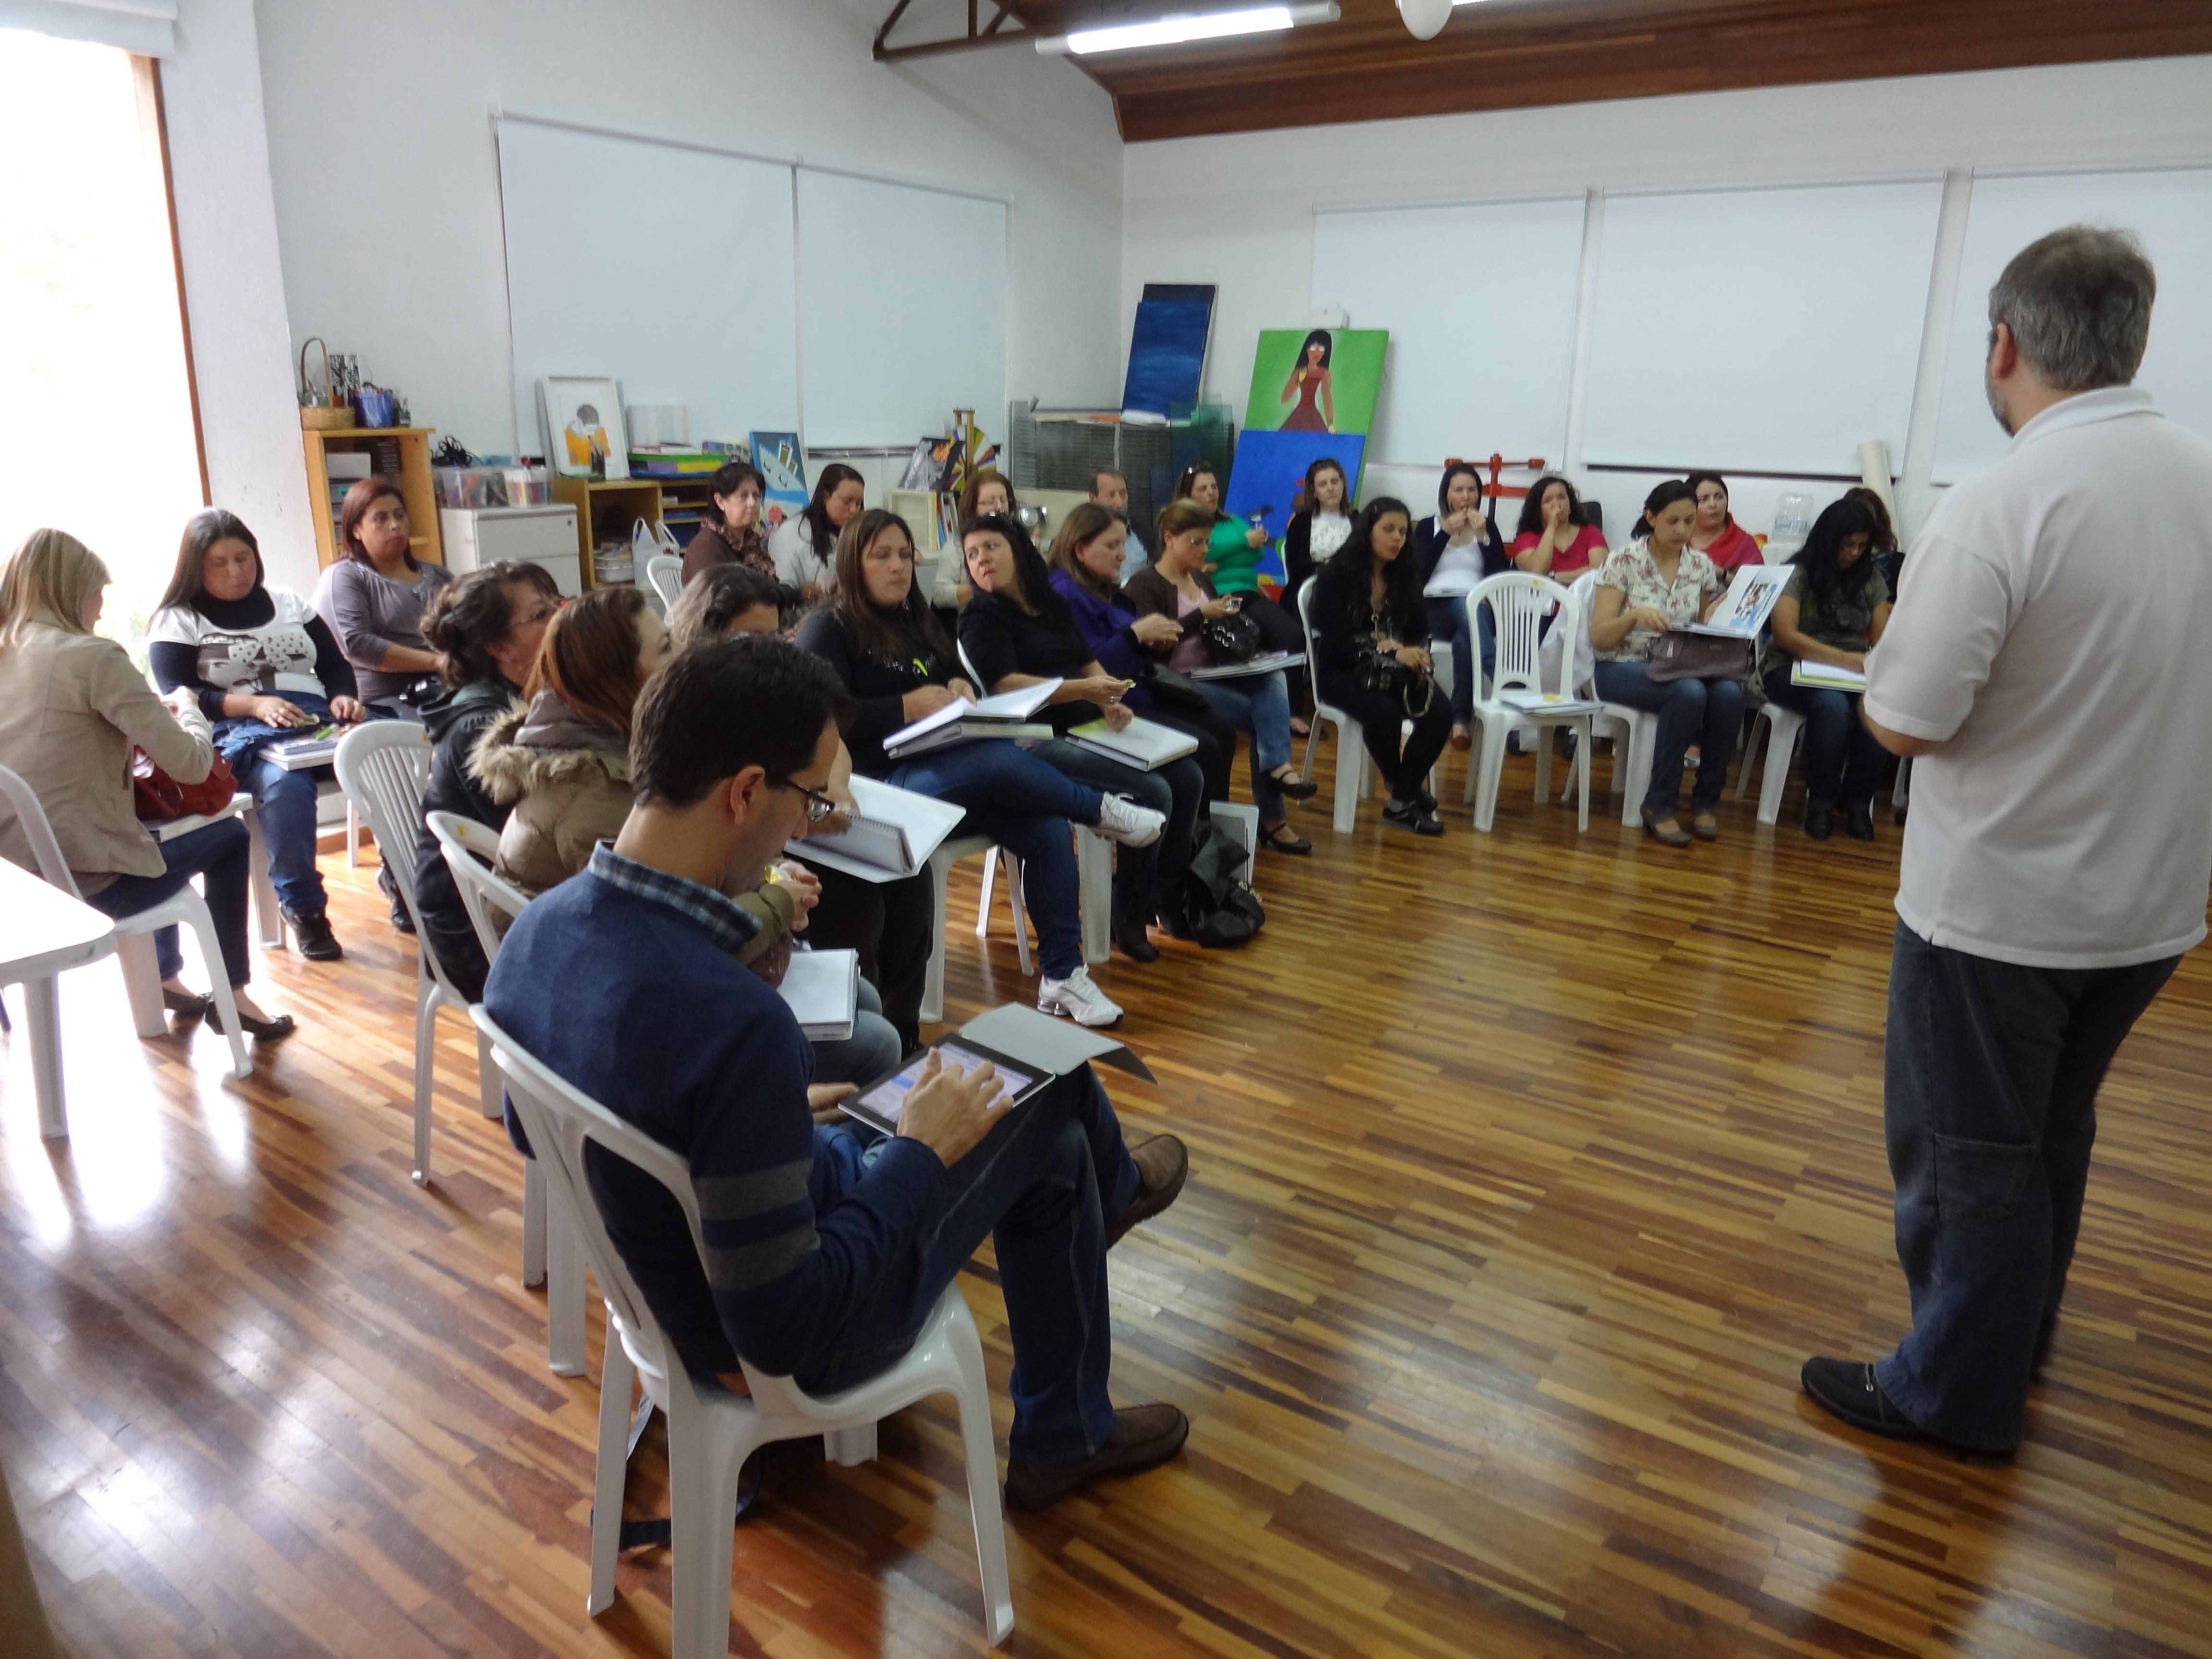 Grupo de pessoas sentadas em cadeiras plásticas que formam um semicírculo. Eles estão fazem anotações atentos ao palestrante que está em pé no centro da sala.